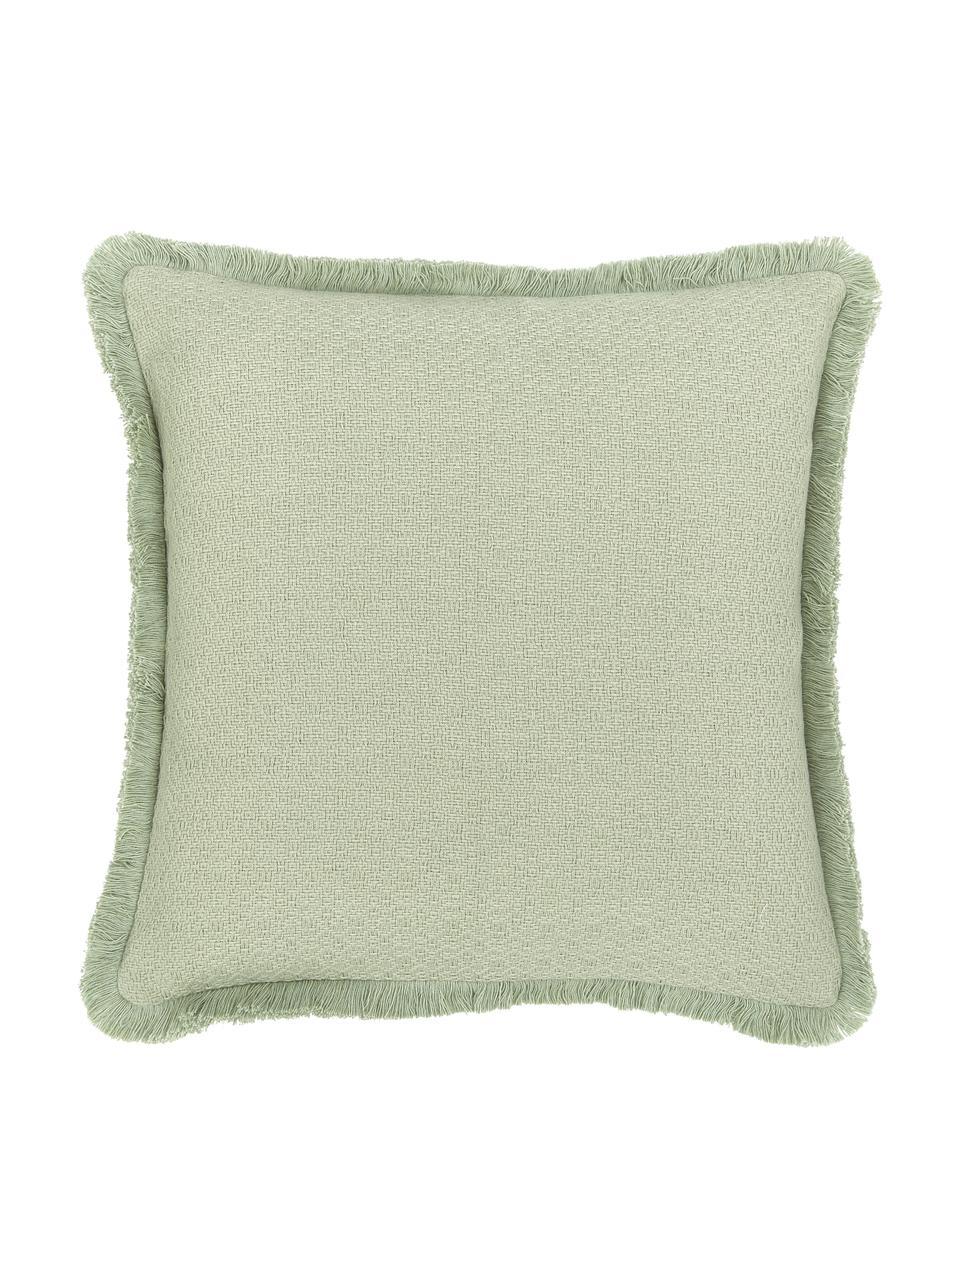 Kissenhülle Lorel in Mintgrün mit dekorativen Fransen, 100% Baumwolle, Grün, 40 x 40 cm